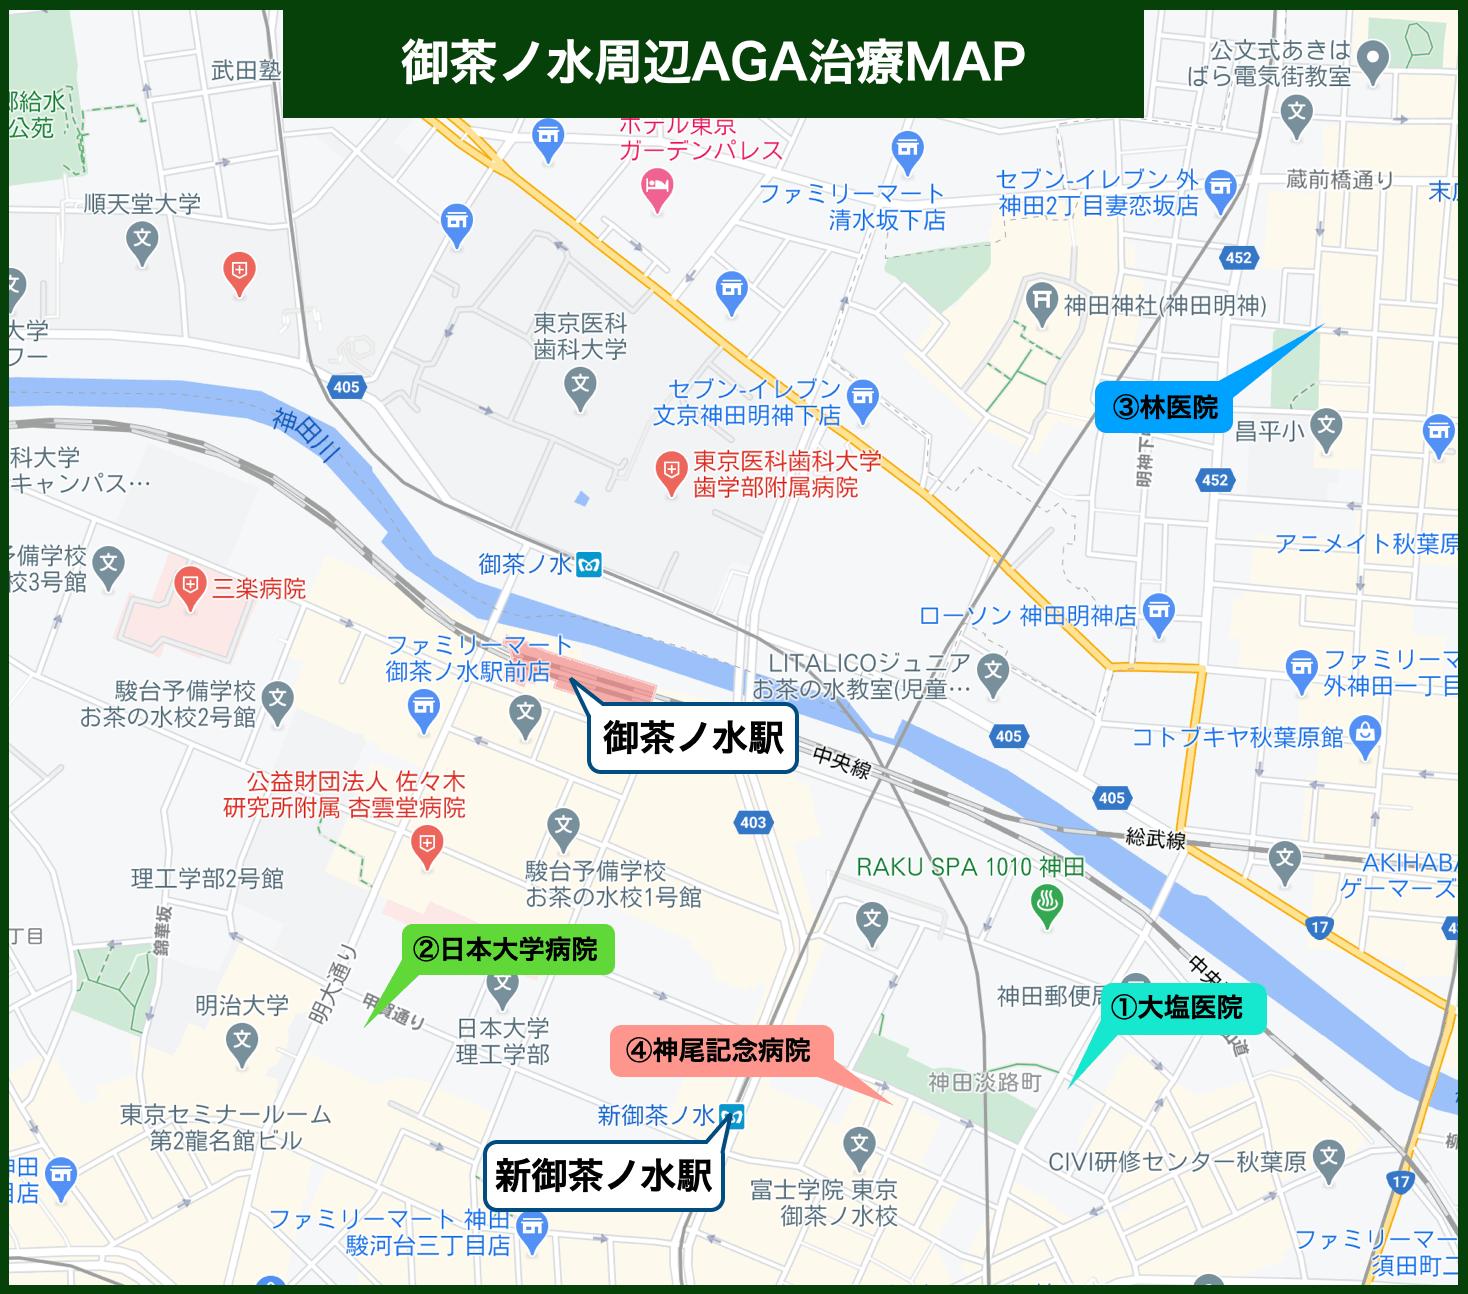 御茶ノ水周辺AGA治療MAP